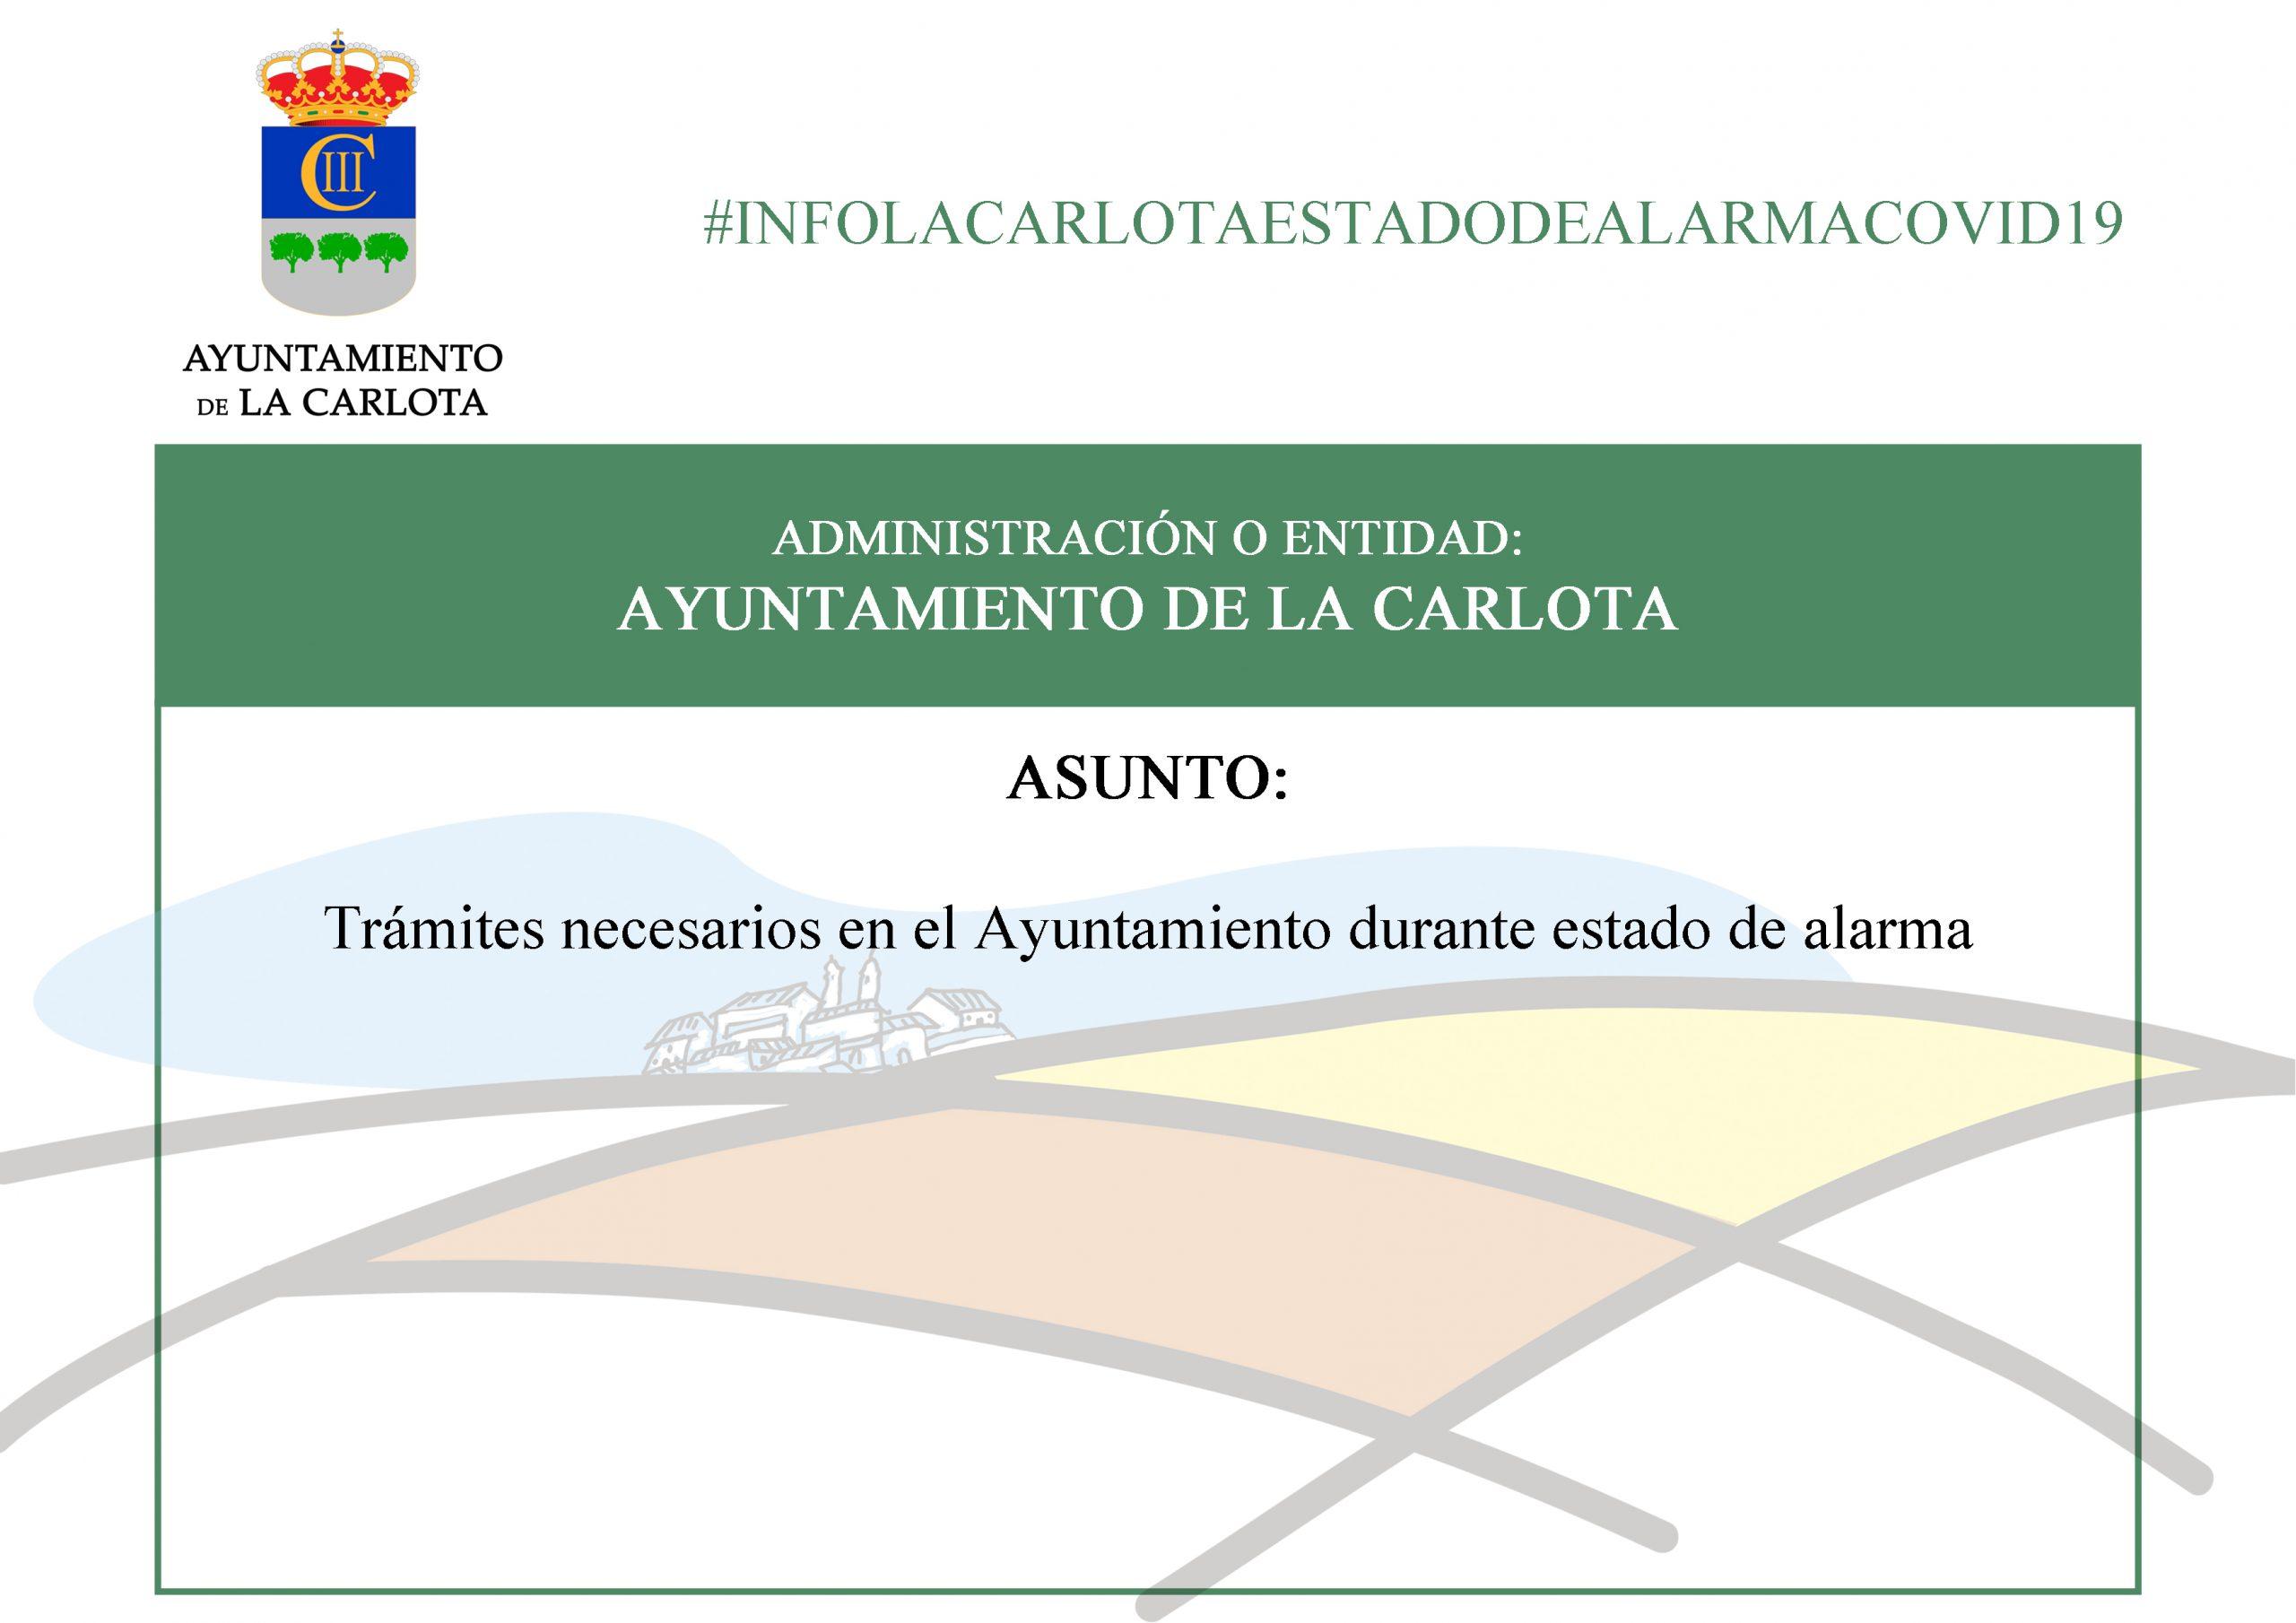 #INFOLACARLOTAESTADODEALARMACOVID19 TRÁMITES NECESARIOS EN EL AYUNTAMIENTO DURANTE ESTADO DE ALARMA 1